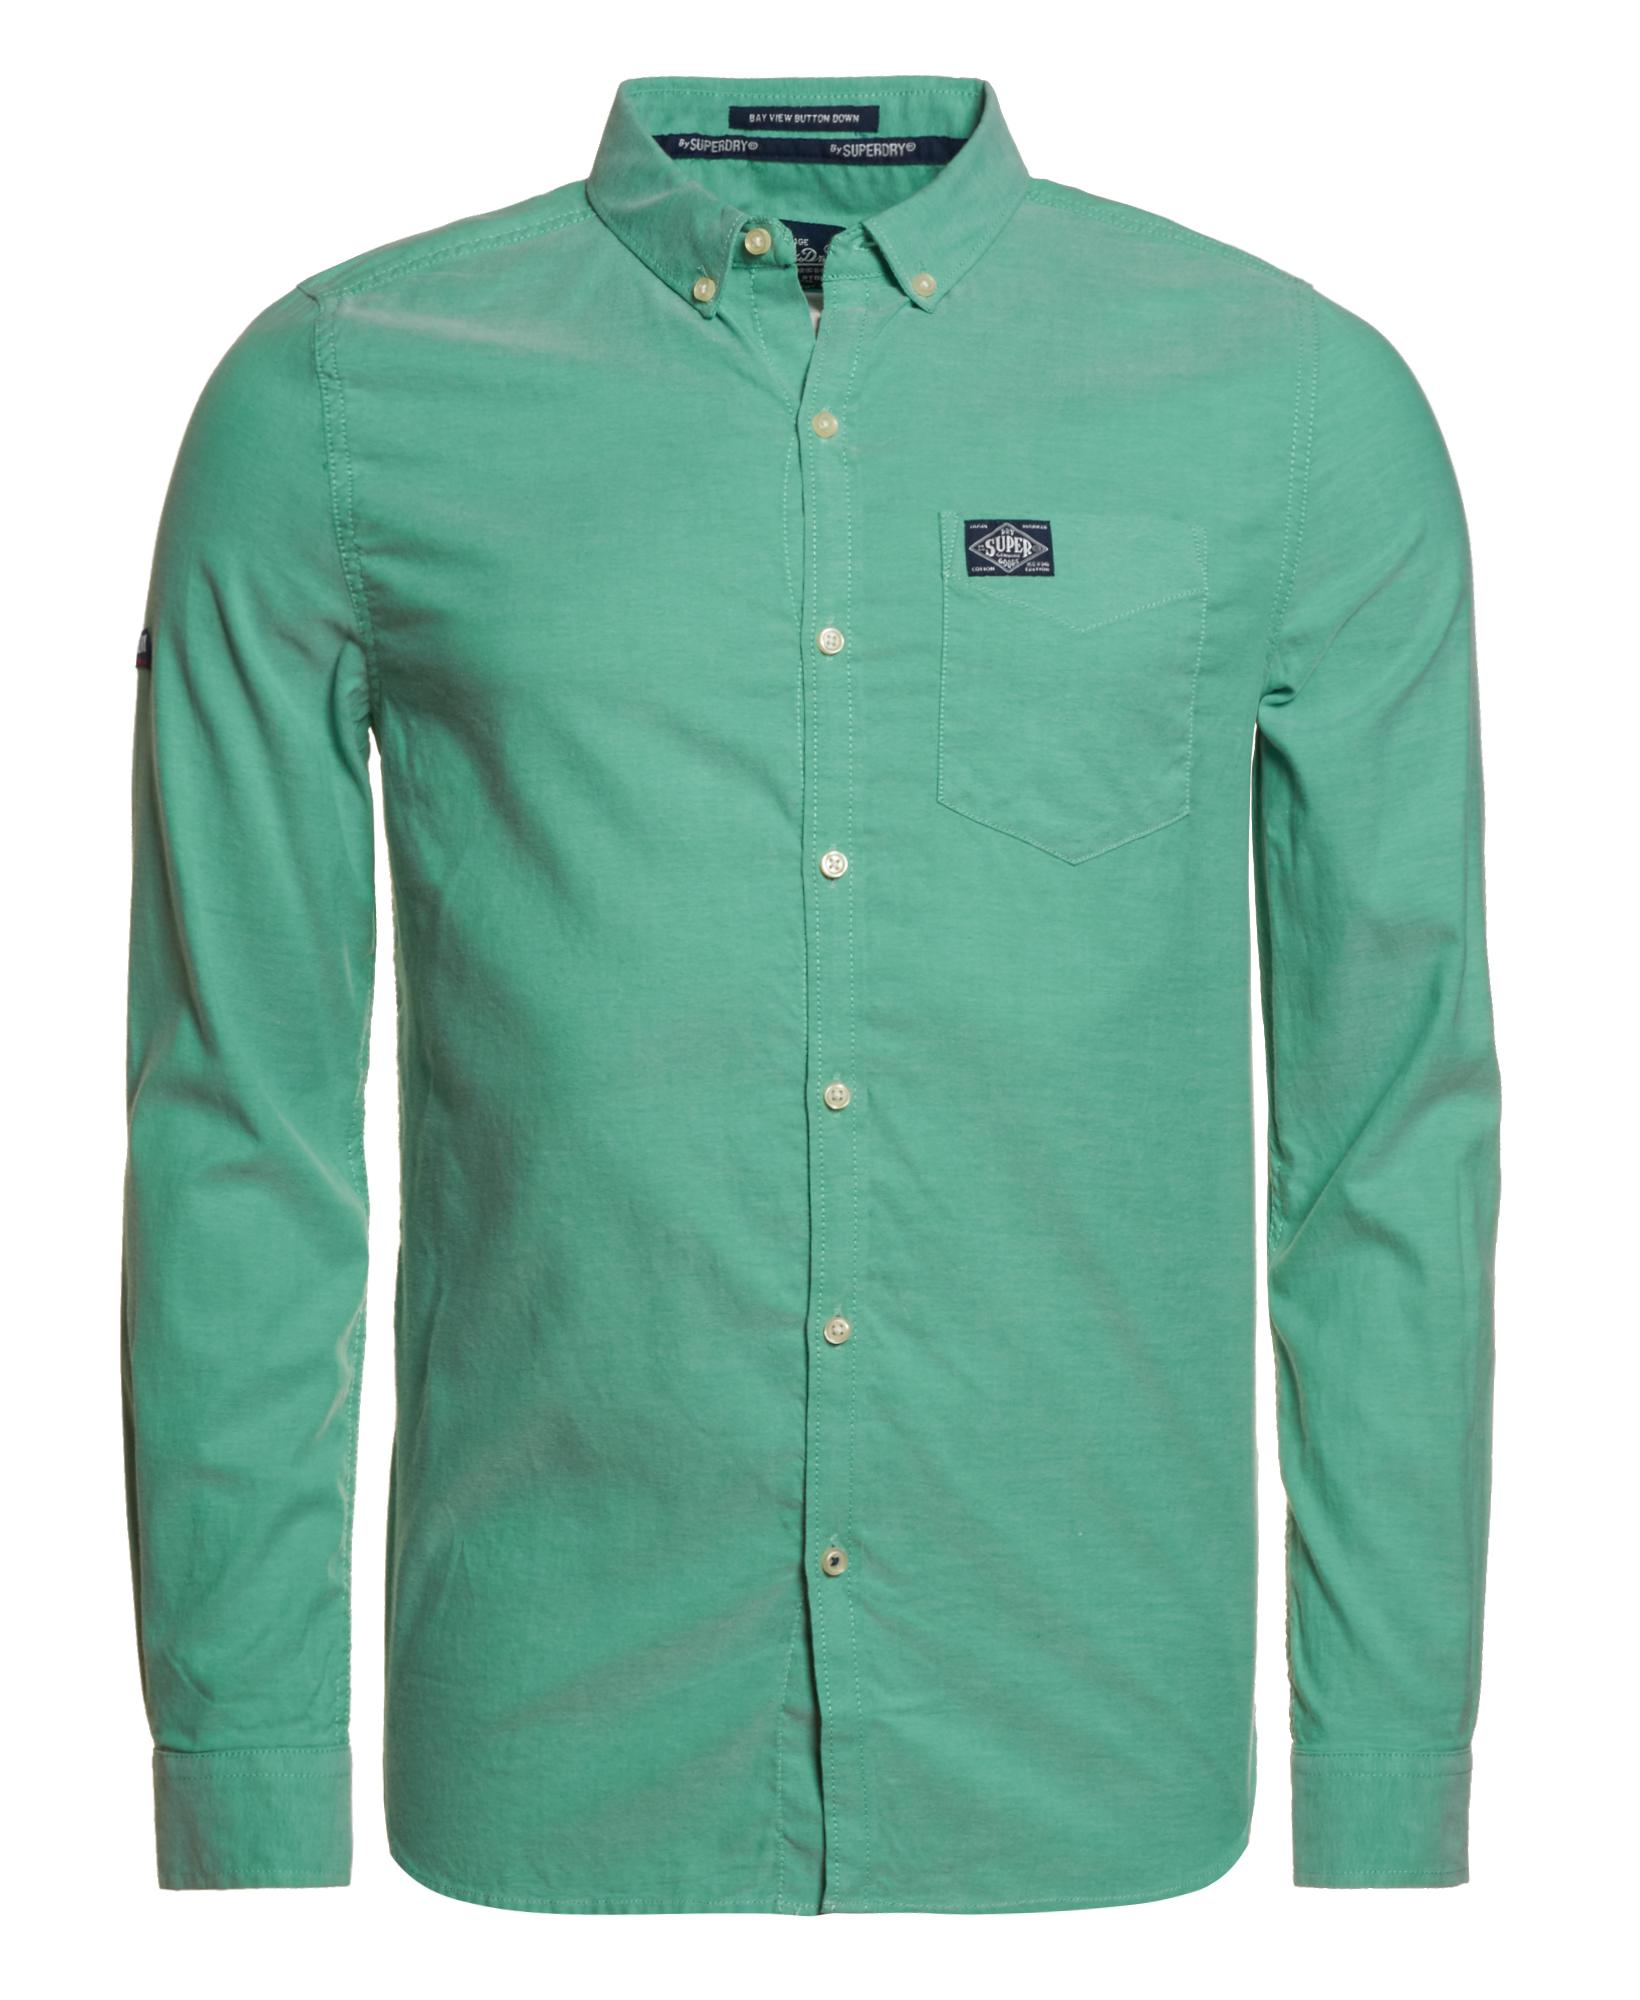 Neues herren superdry bay view button down shirt college for College button down shirts